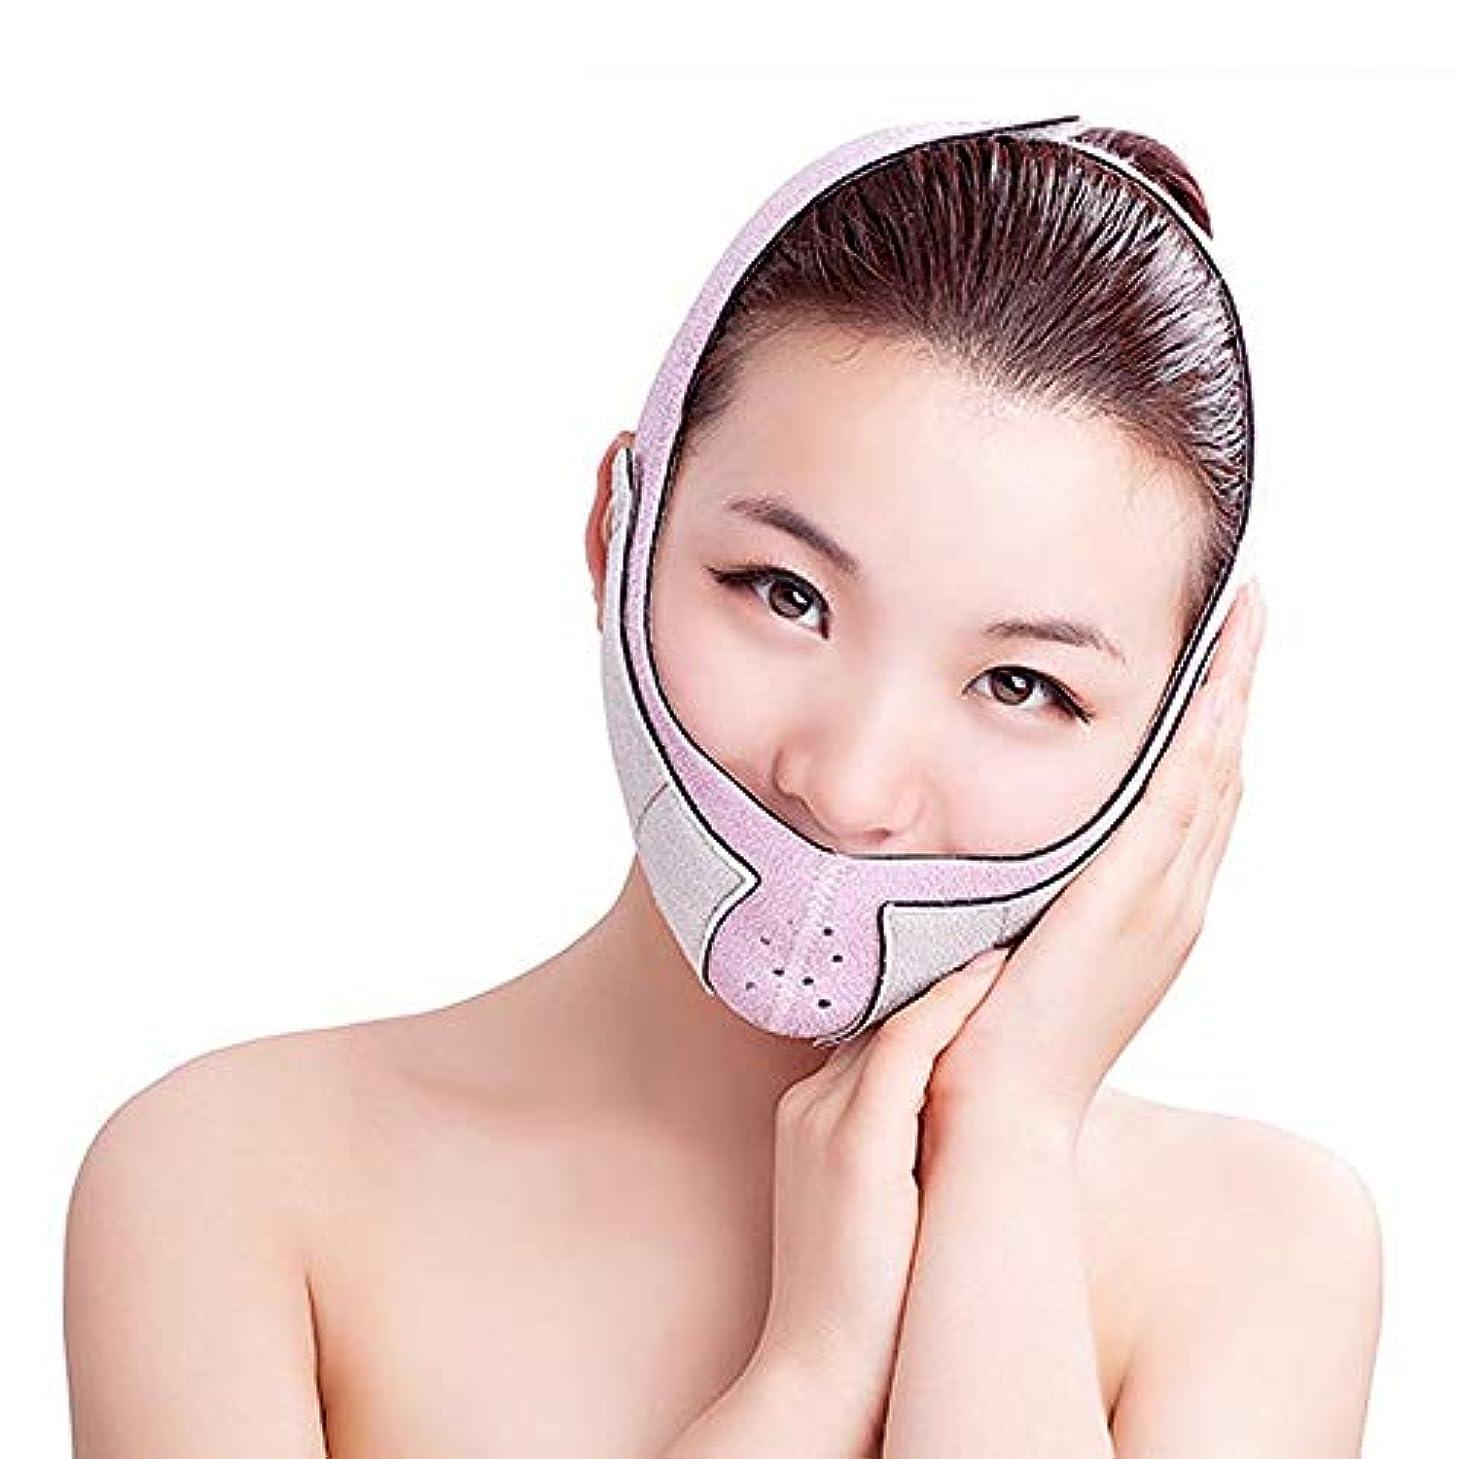 あいまいなストリップベルベットMinmin フェイシャルリフティングスリミングベルト - 薄いフェイスバンデージフェイスマスクベルトフリーフェイシャルマッサージシェイピングマスクは顔と首を締めます みんみんVラインフェイスマスク (Color : Pink)